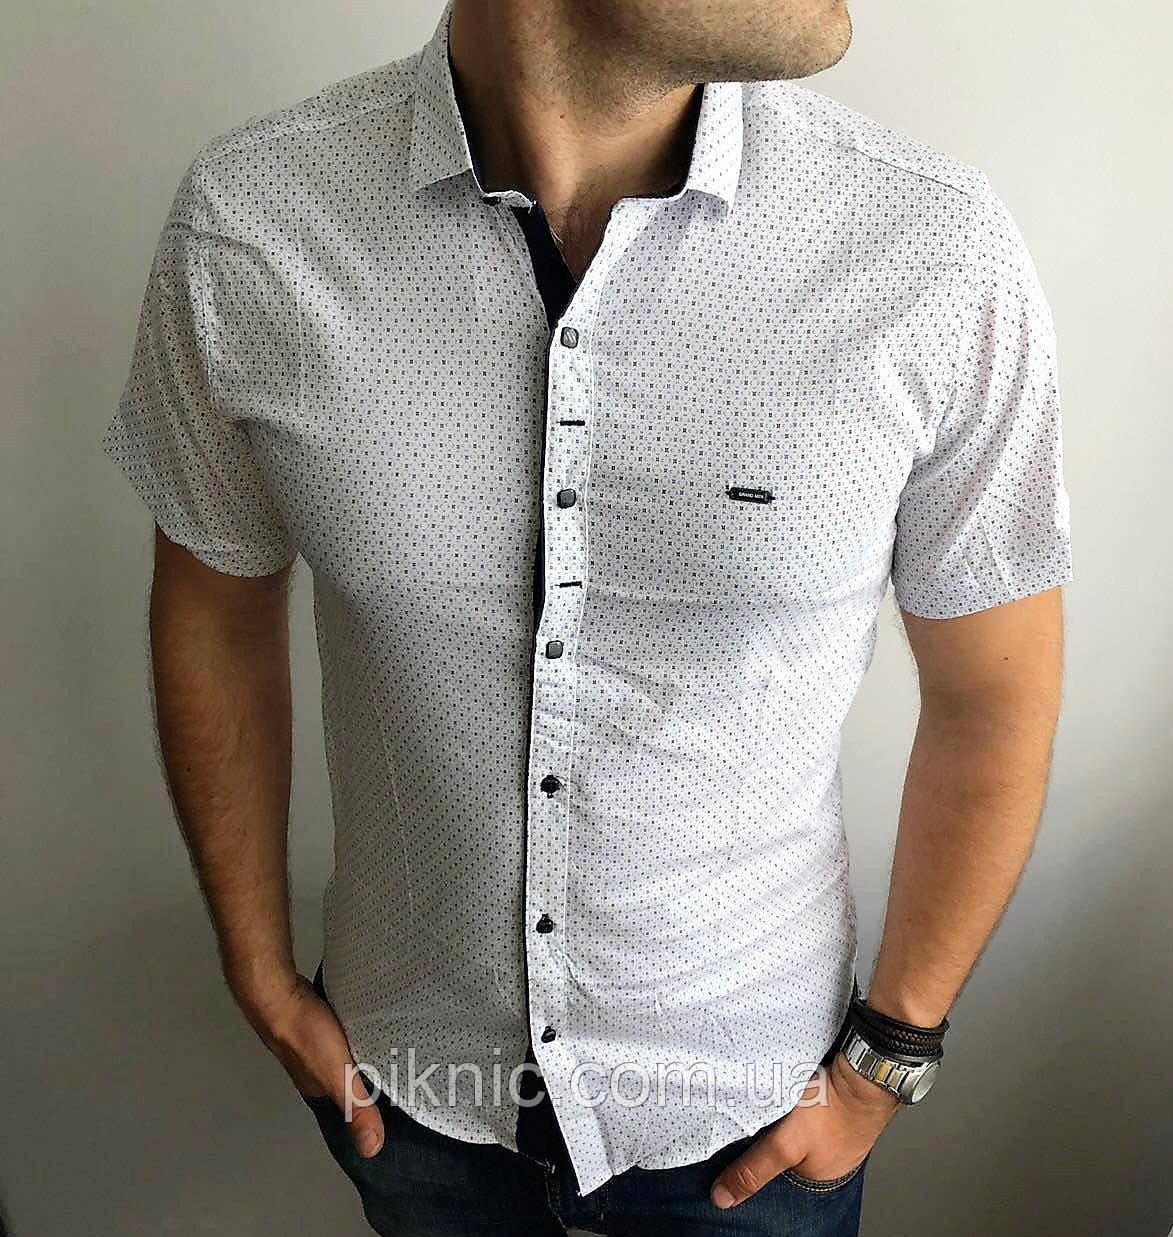 Рубашка мужская М, XXL приталенная, короткий рукав, слим фит Турция. Молодежная турецкая Белый